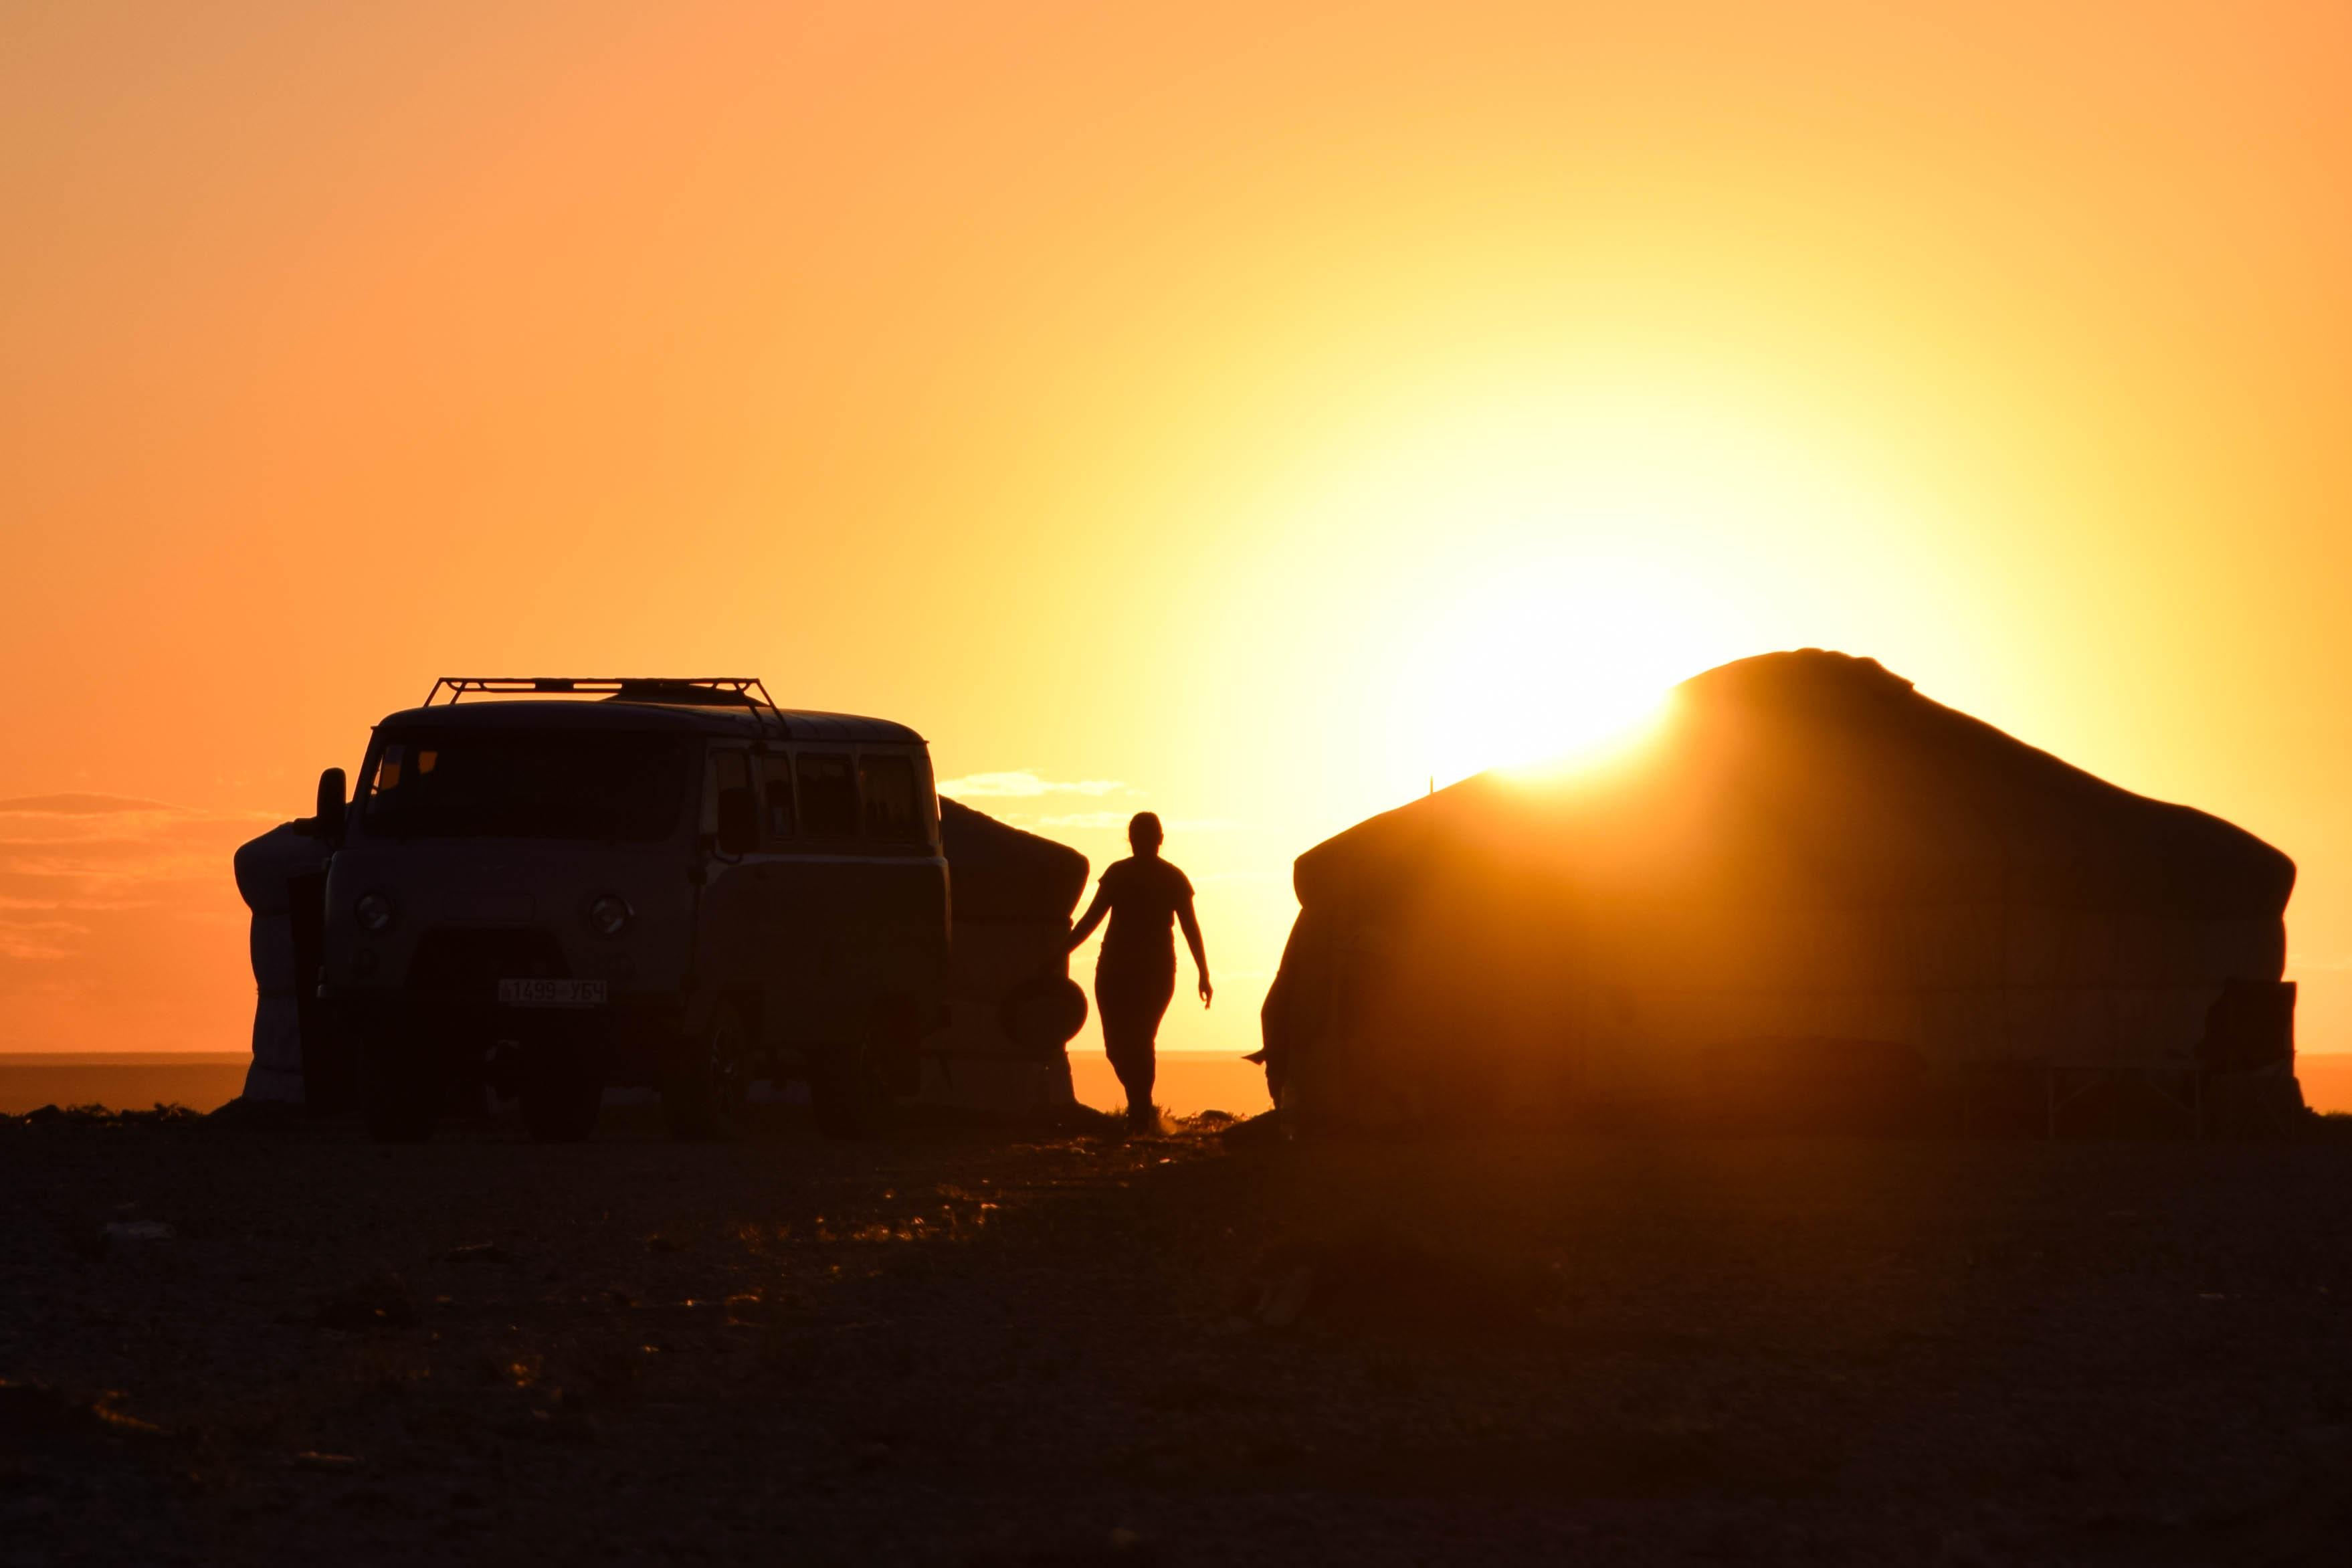 Notre trek en Mongolie – Le Désert de Gobi